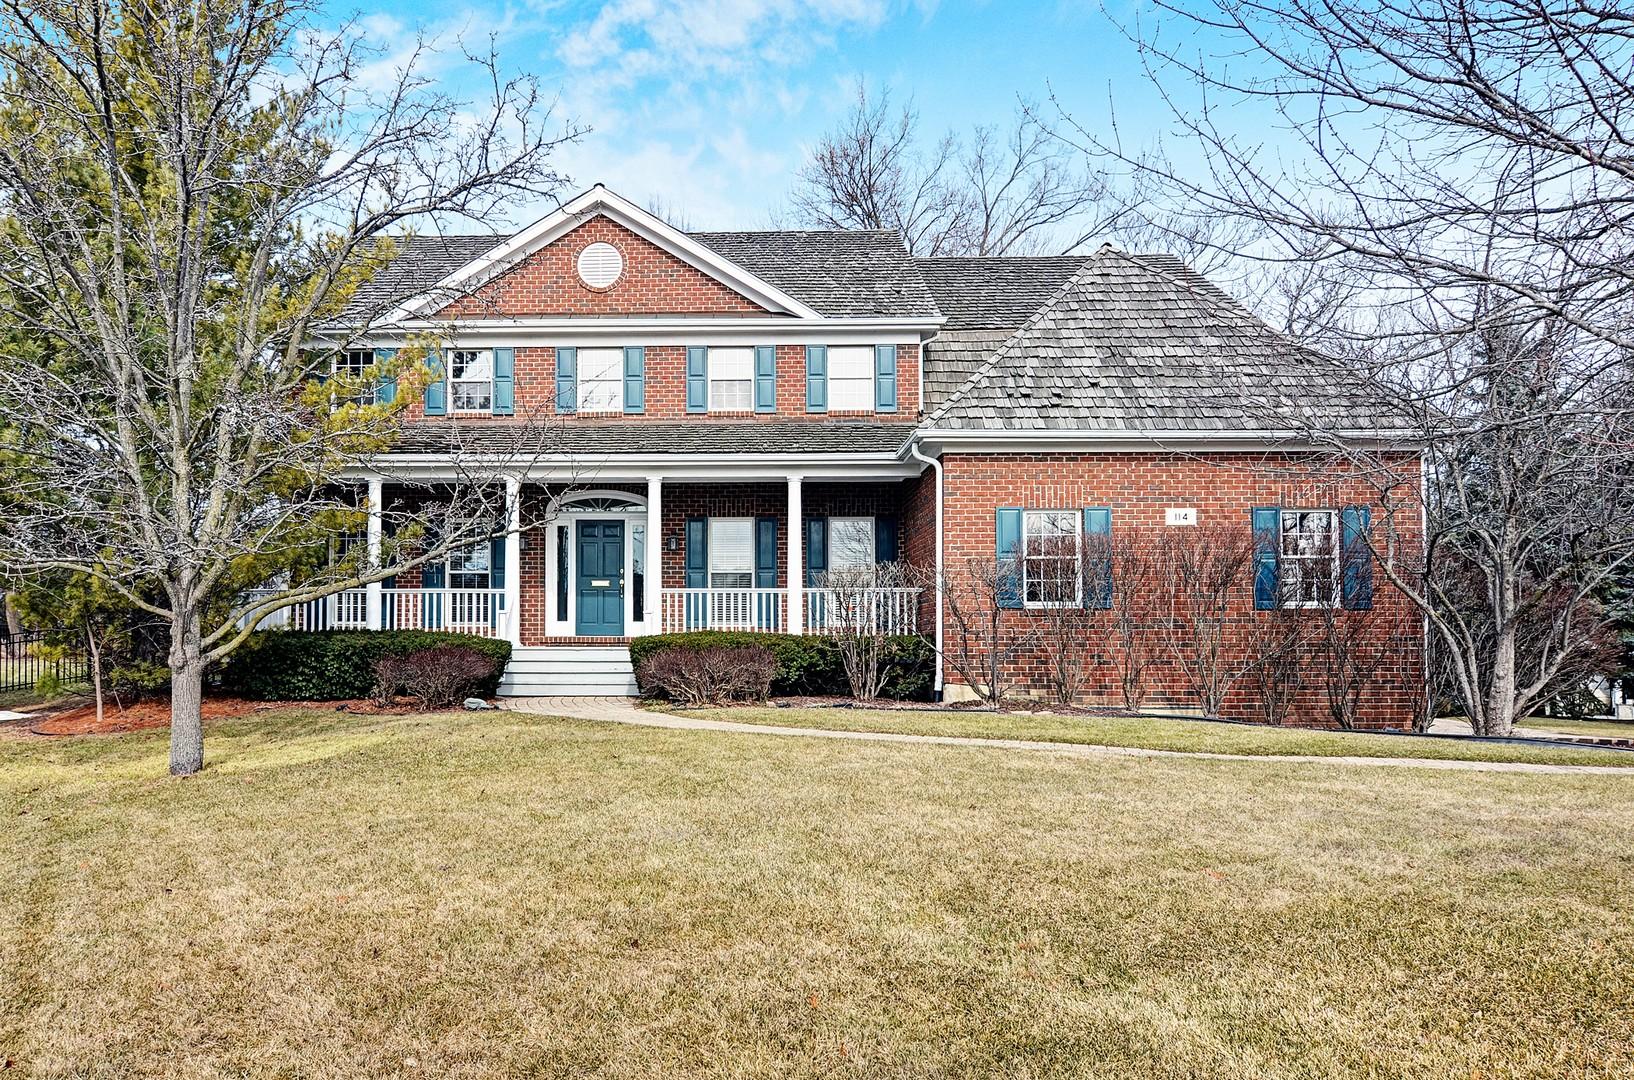 Villa per Vendita alle ore 114 Allen Court Clarendon Hills, Illinois, 60514 Stati Uniti